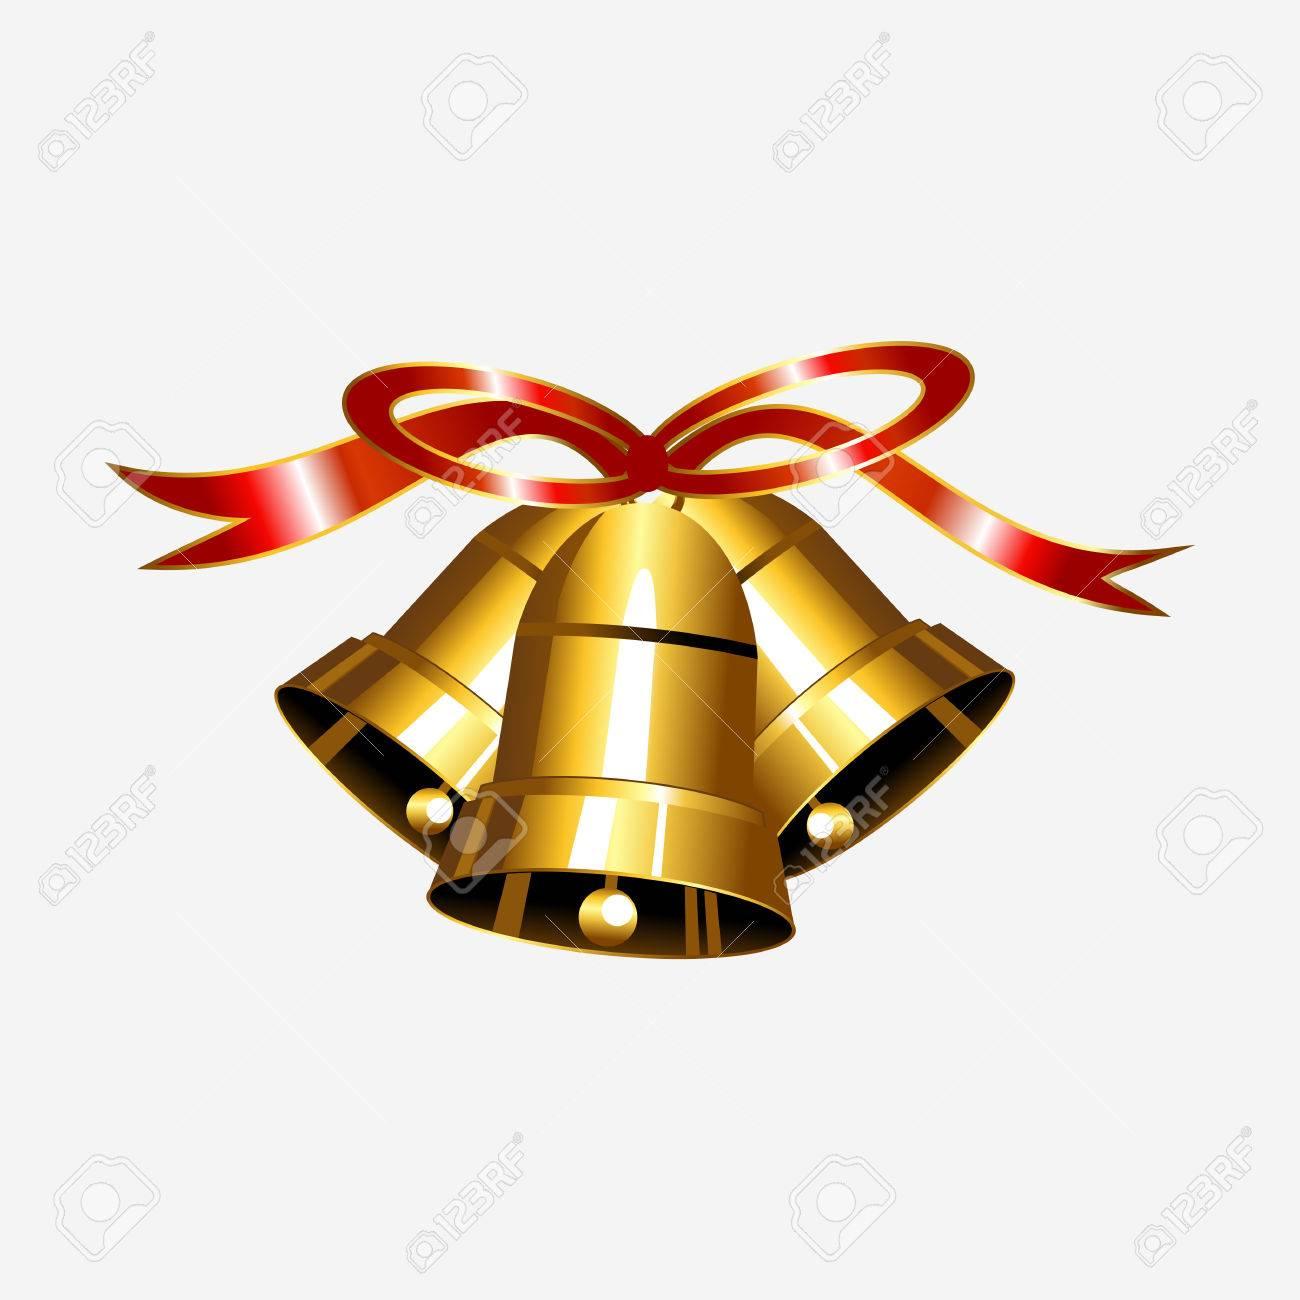 赤いリボンのイラストが金の鐘クリスマス ベル イラストジングル鐘の